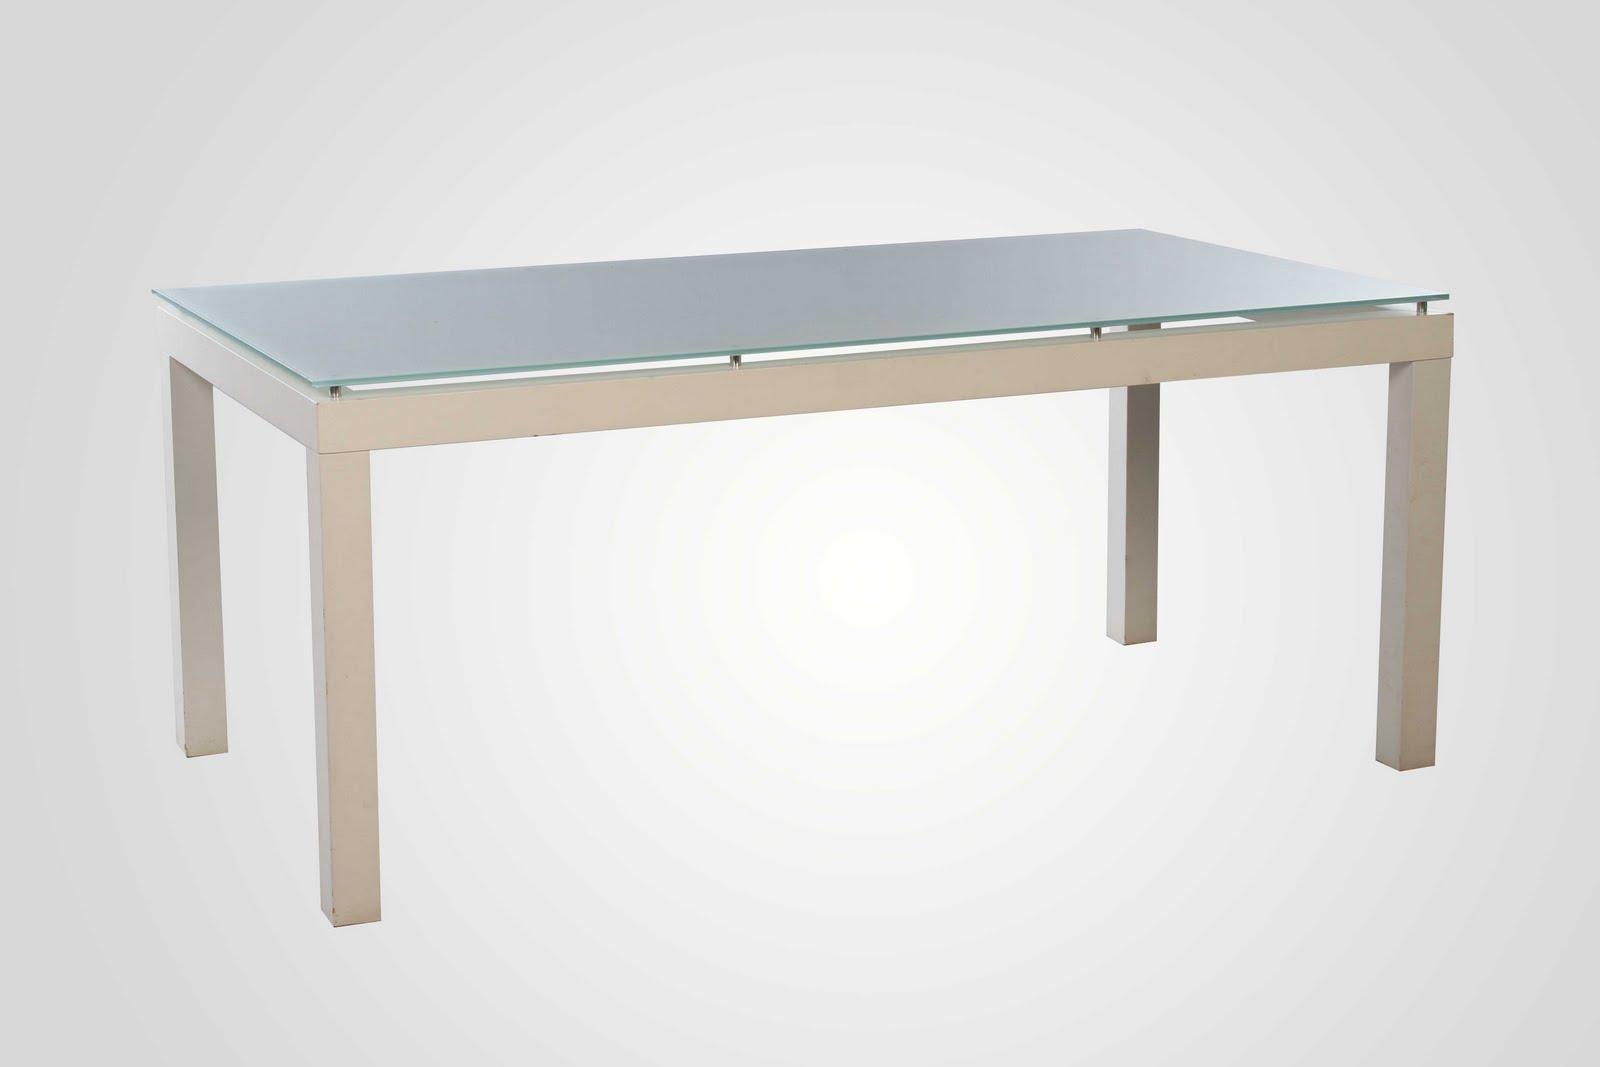 Locação de móveis e paisagismo: Mesas reunião madeira vime etc #7B6850 1600x1067